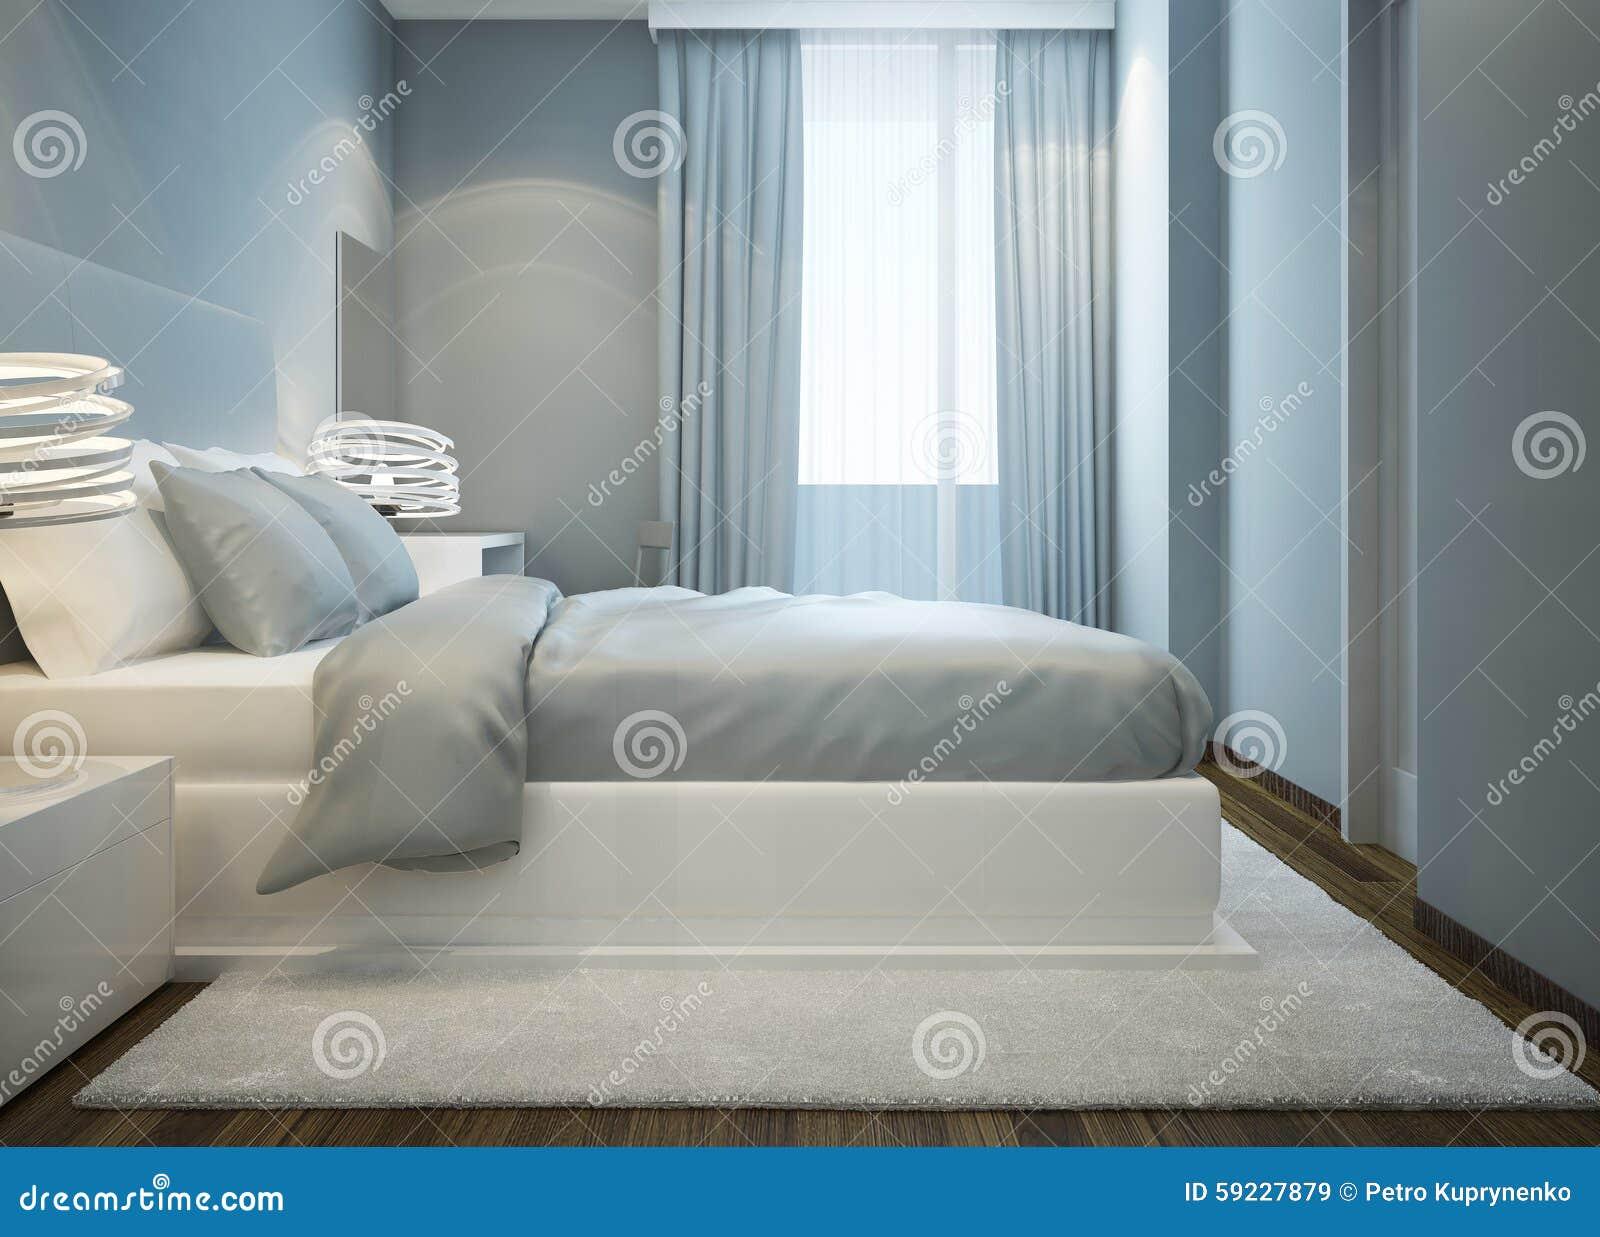 Sneeuw wit bed in blauwe slaapkamer stock illustratie afbeelding 59227879 - Wit bed capitonne ...